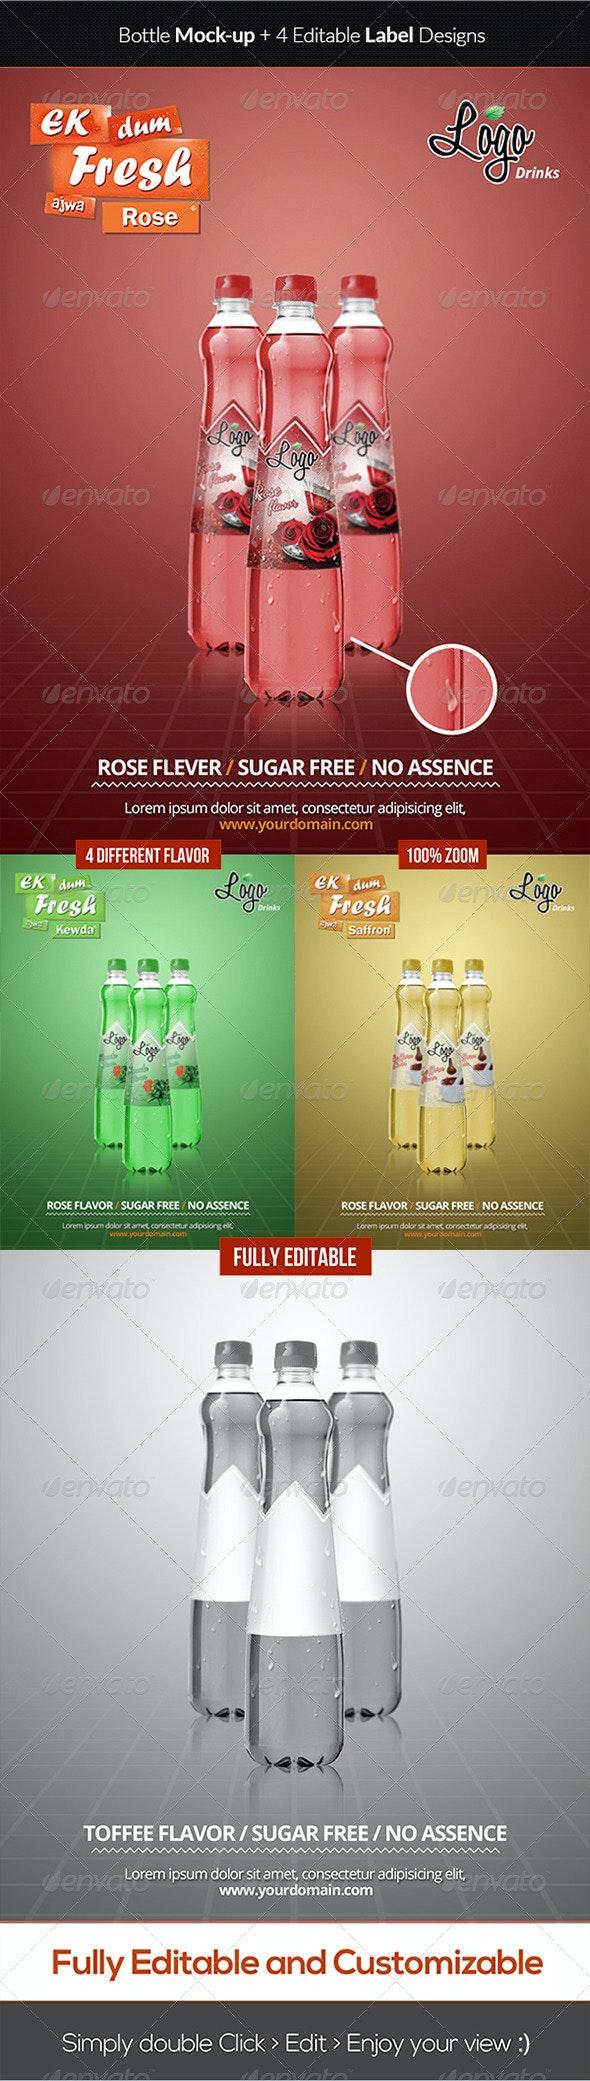 Elegant Bottle Mockup + Label Design - Food and Drink Packaging